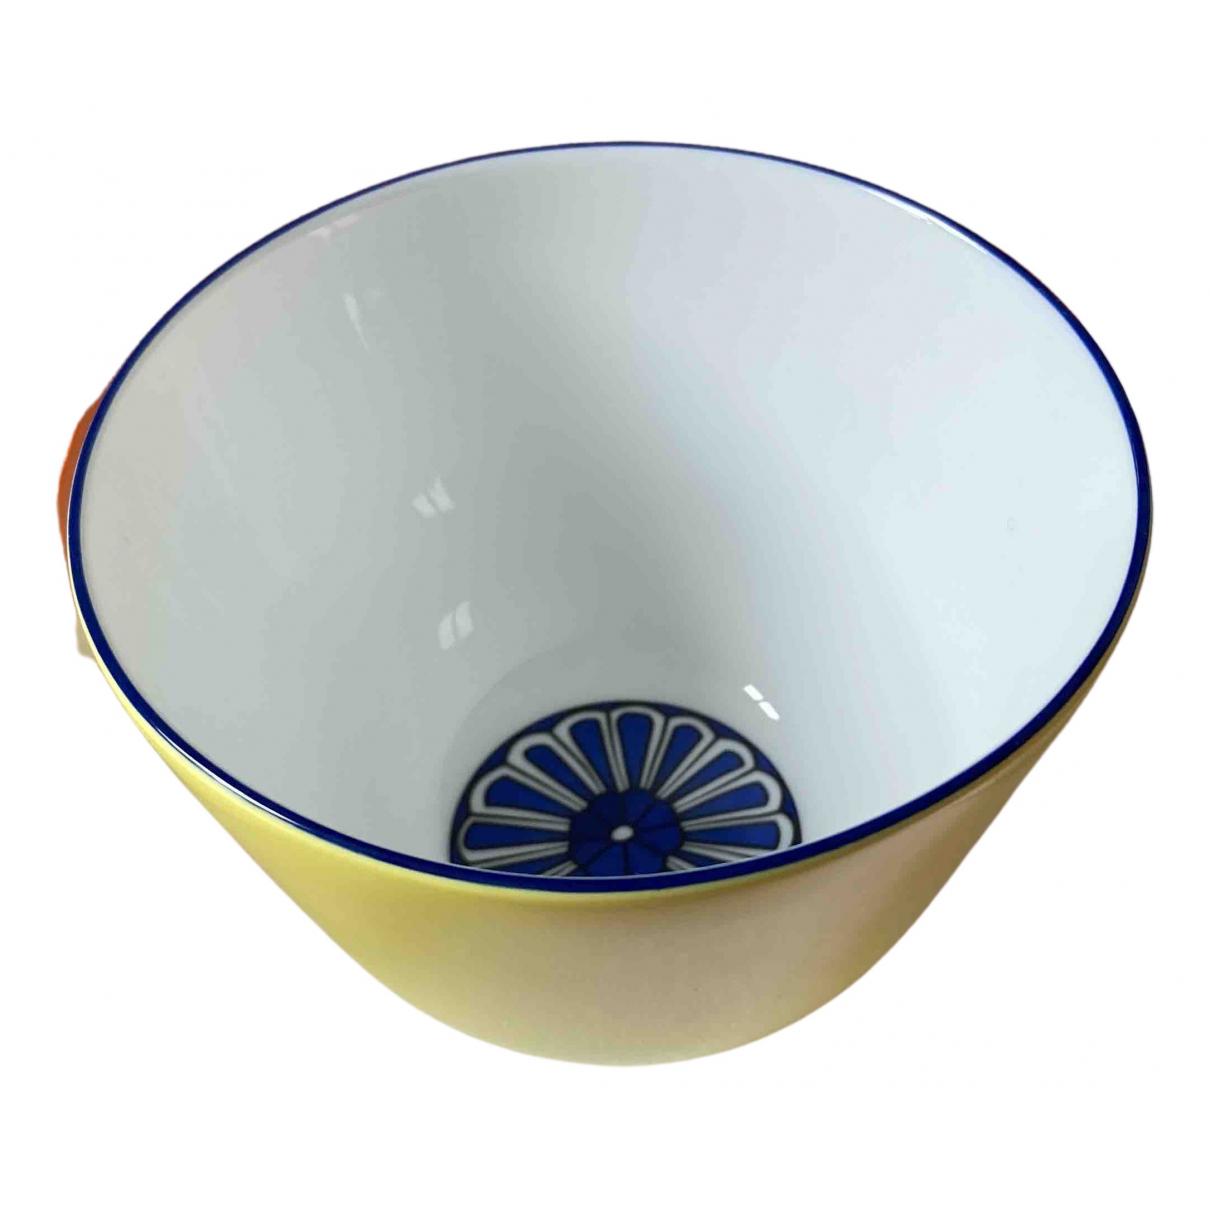 Hermes - Arts de la table Bleus dailleurs pour lifestyle en ceramique - jaune